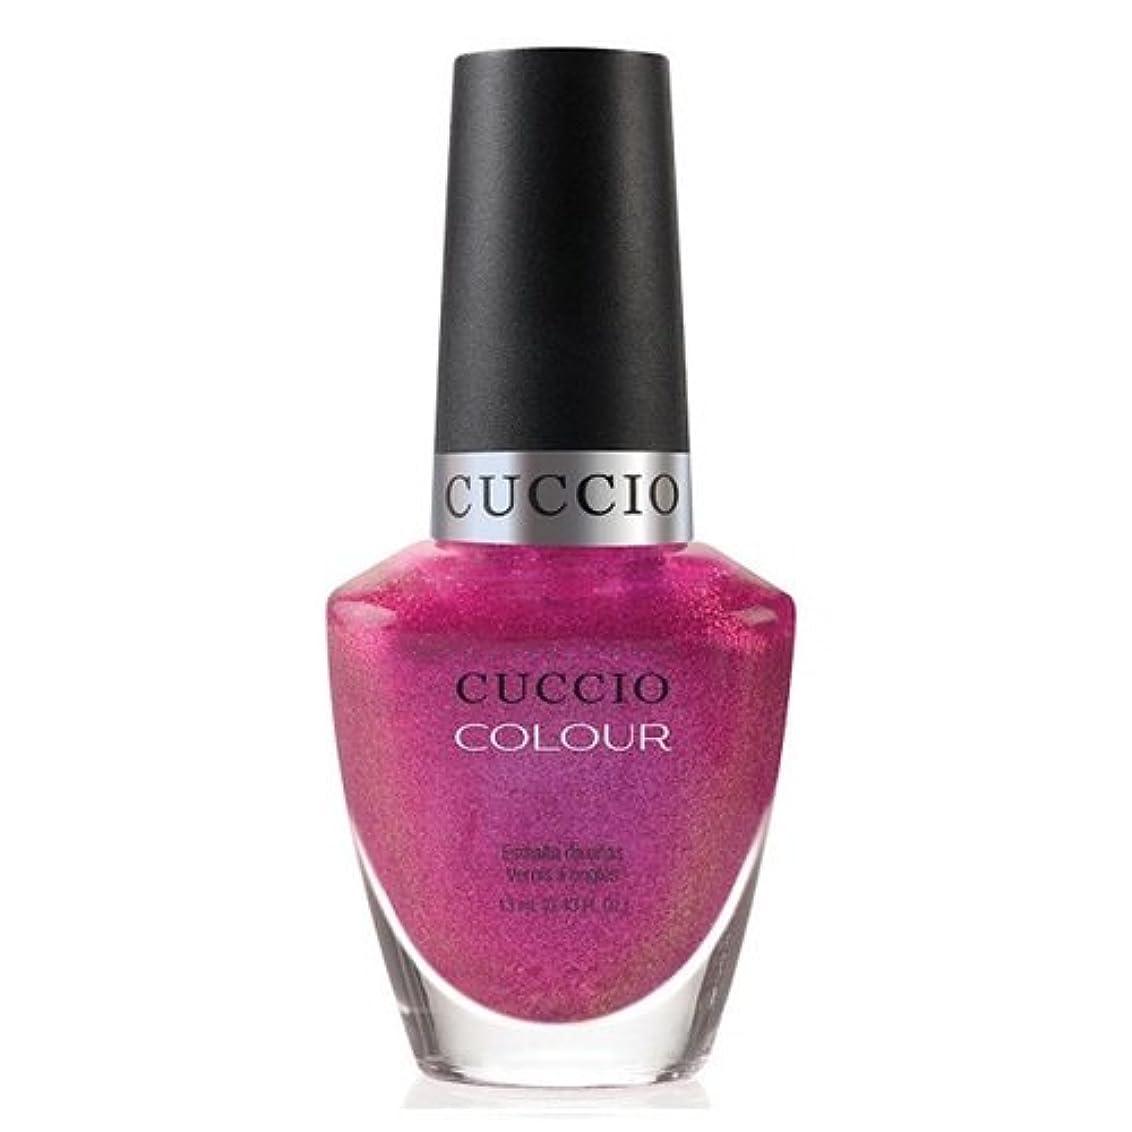 マウスピースブロック上昇Cuccio Colour Gloss Lacquer - Femme Fatale - 0.43oz/13ml